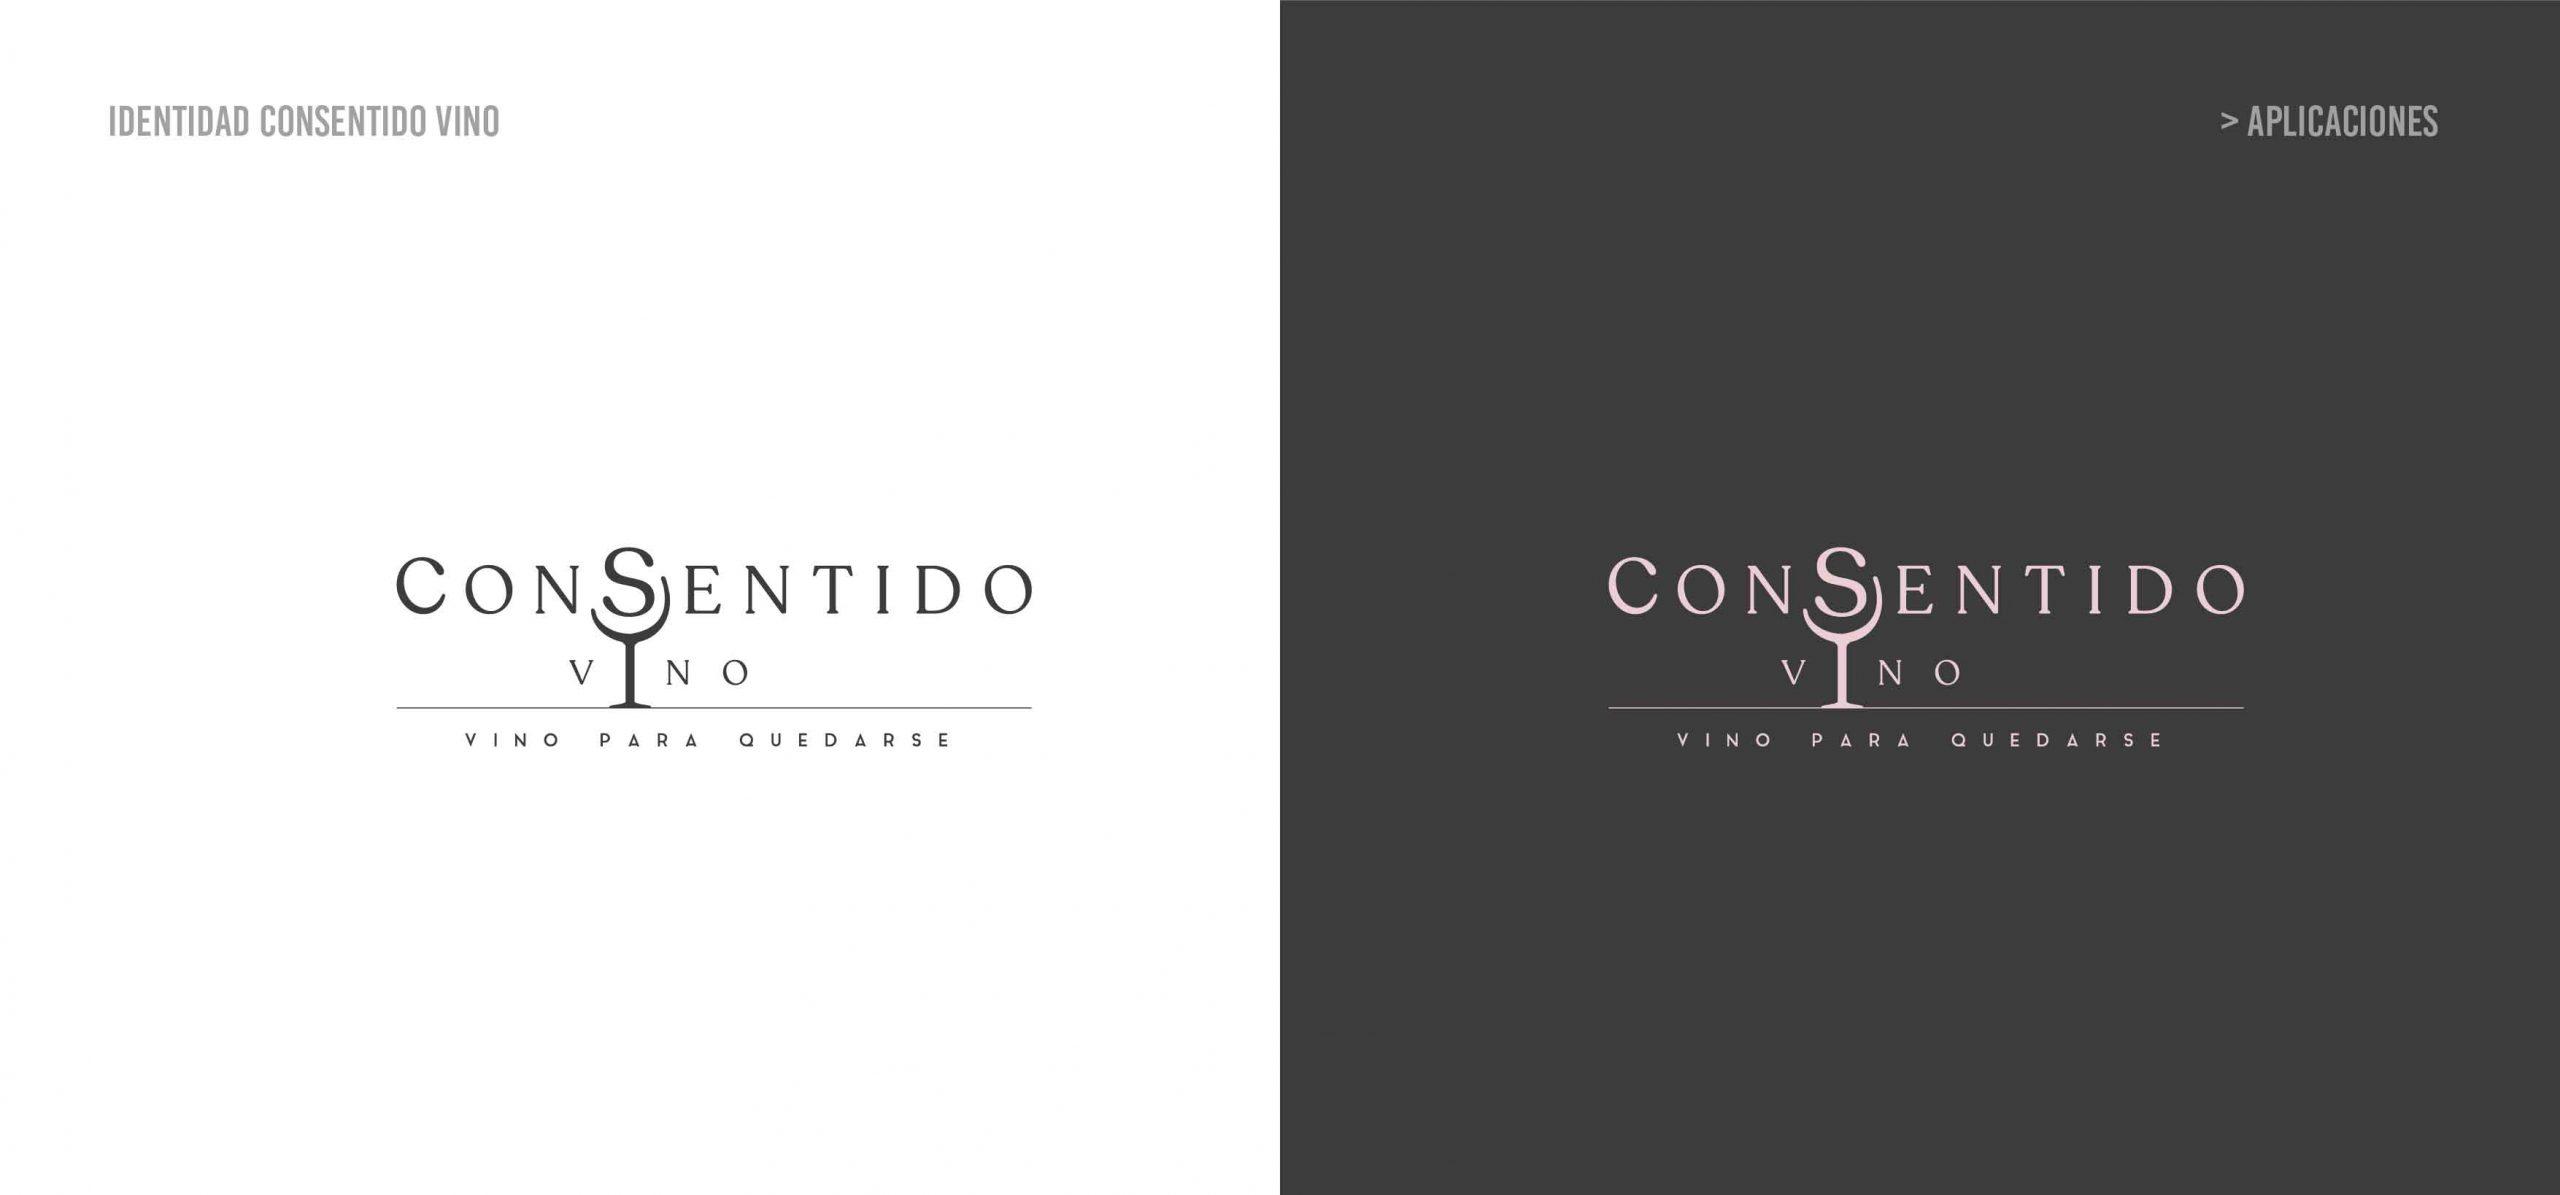 diseño de logo vinos